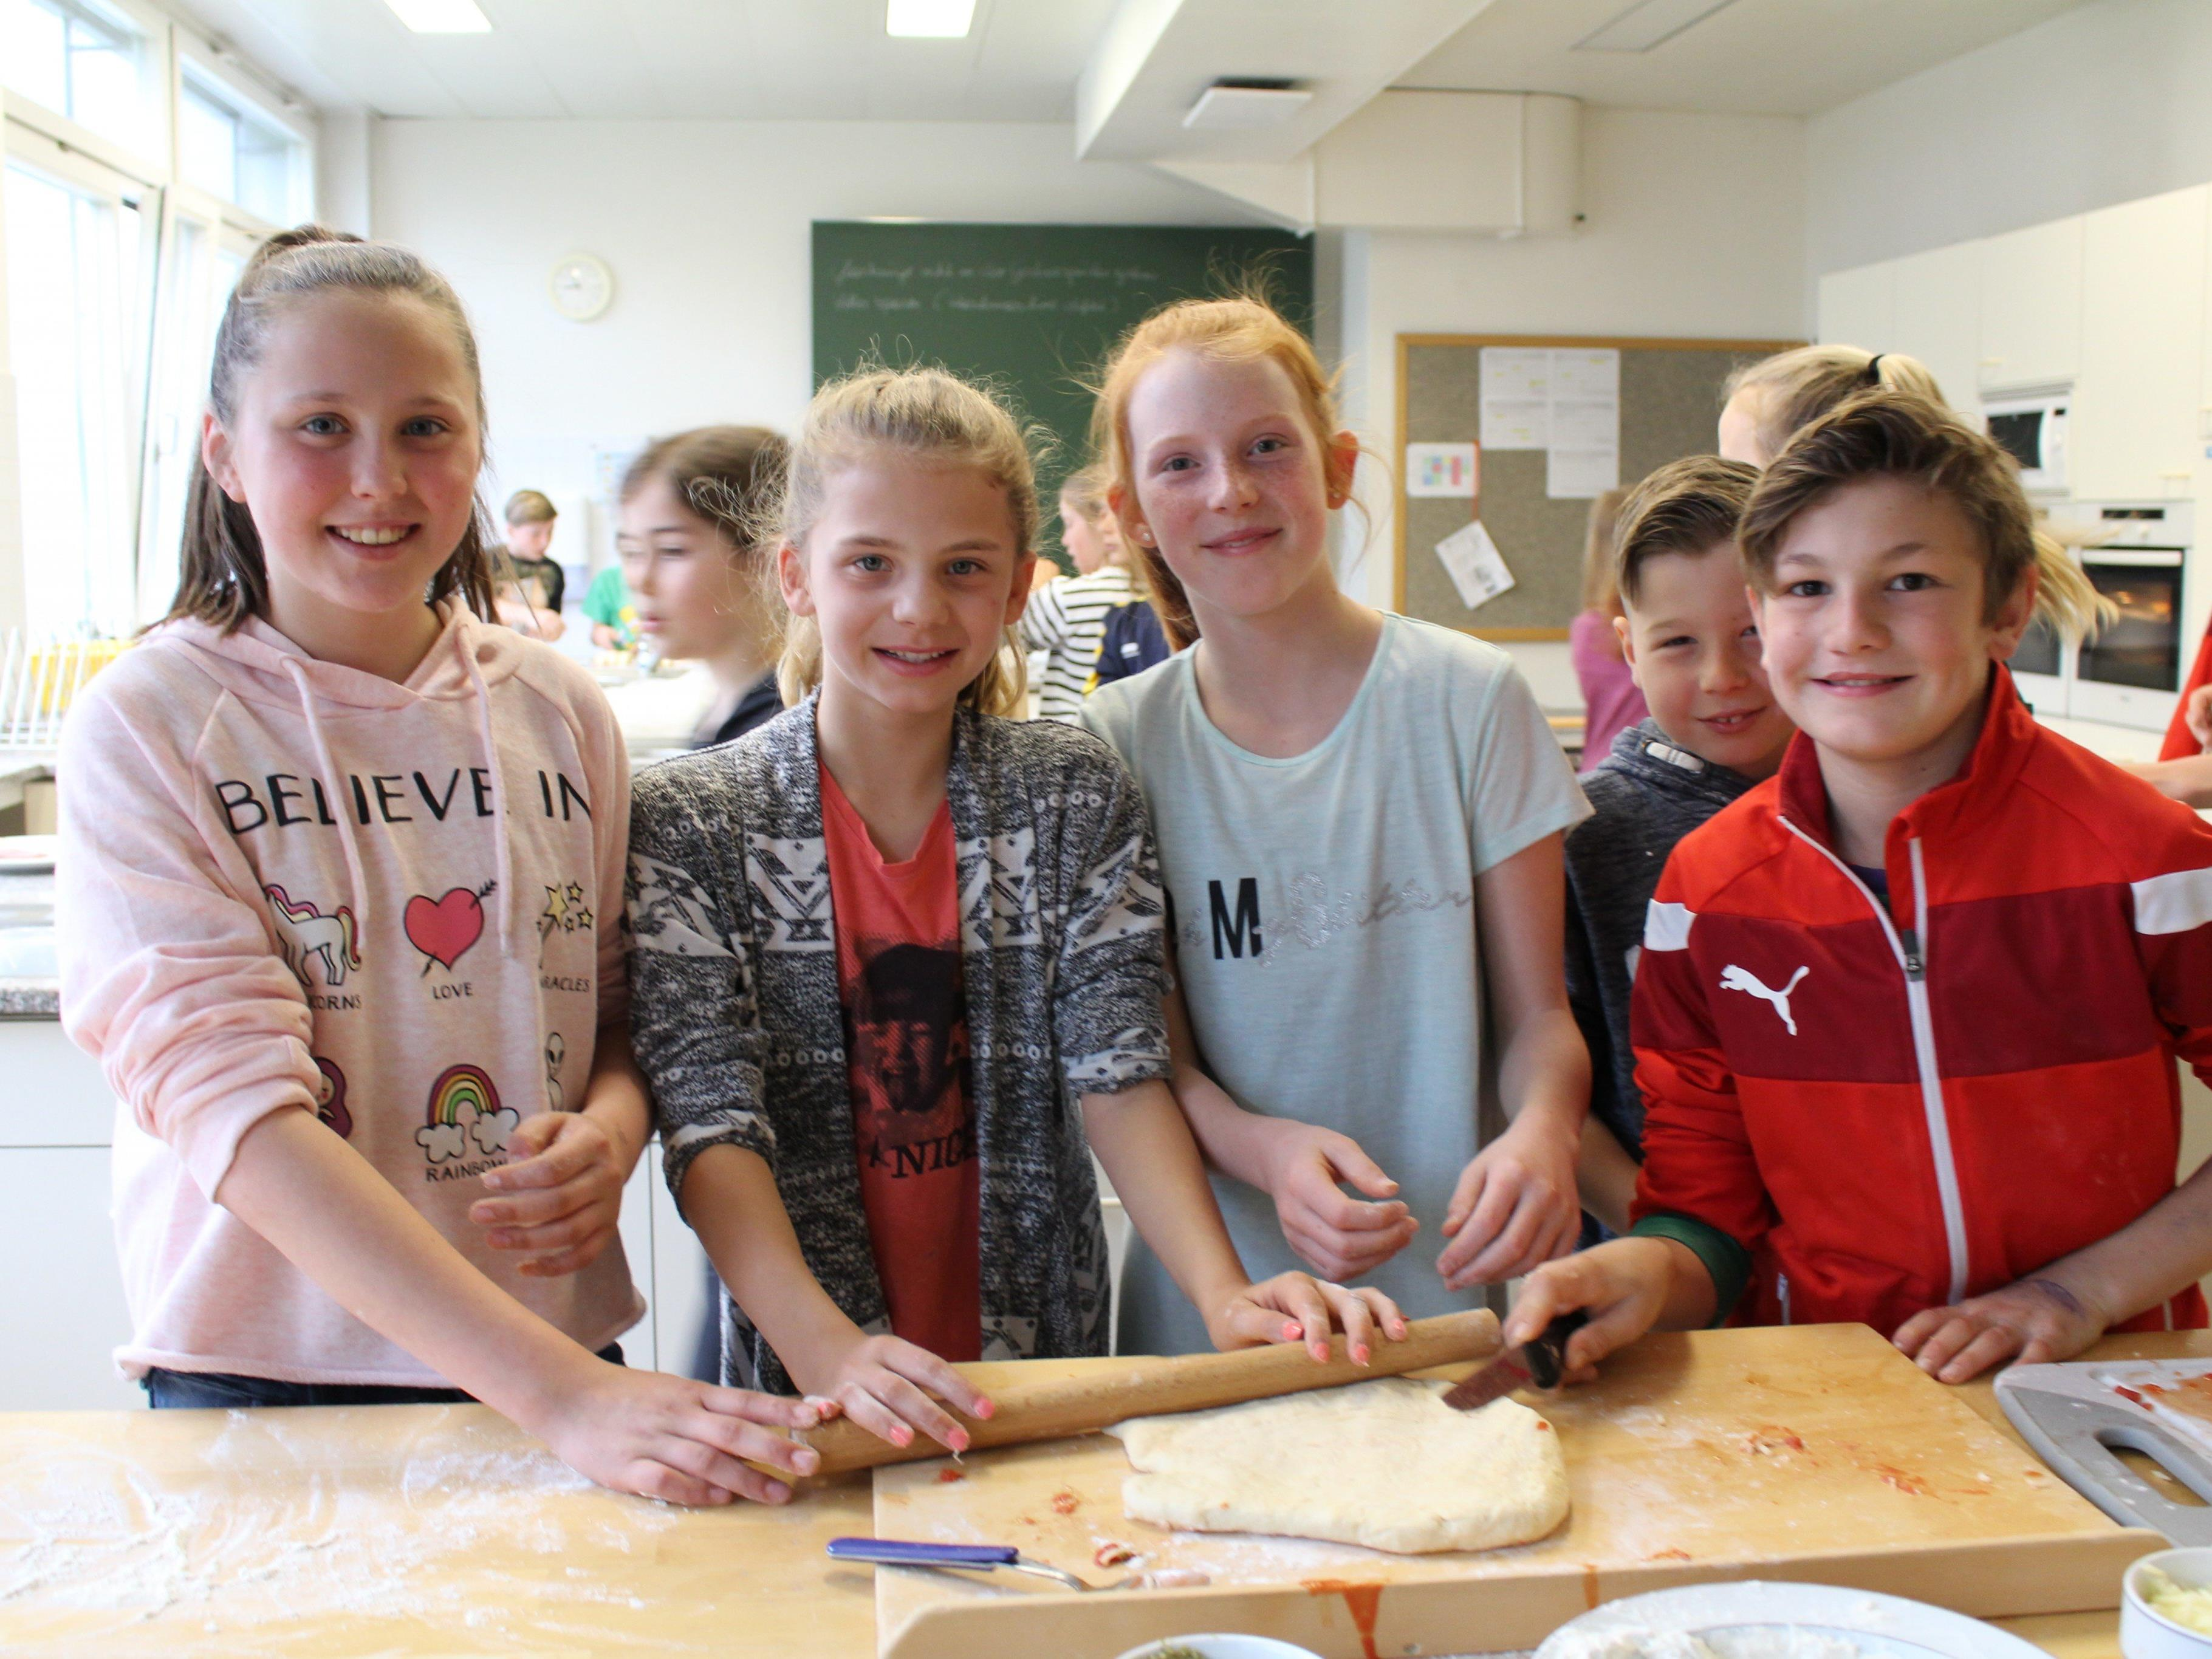 Emilia, Valentina, Mia und Jakob beim Pizzabacken.